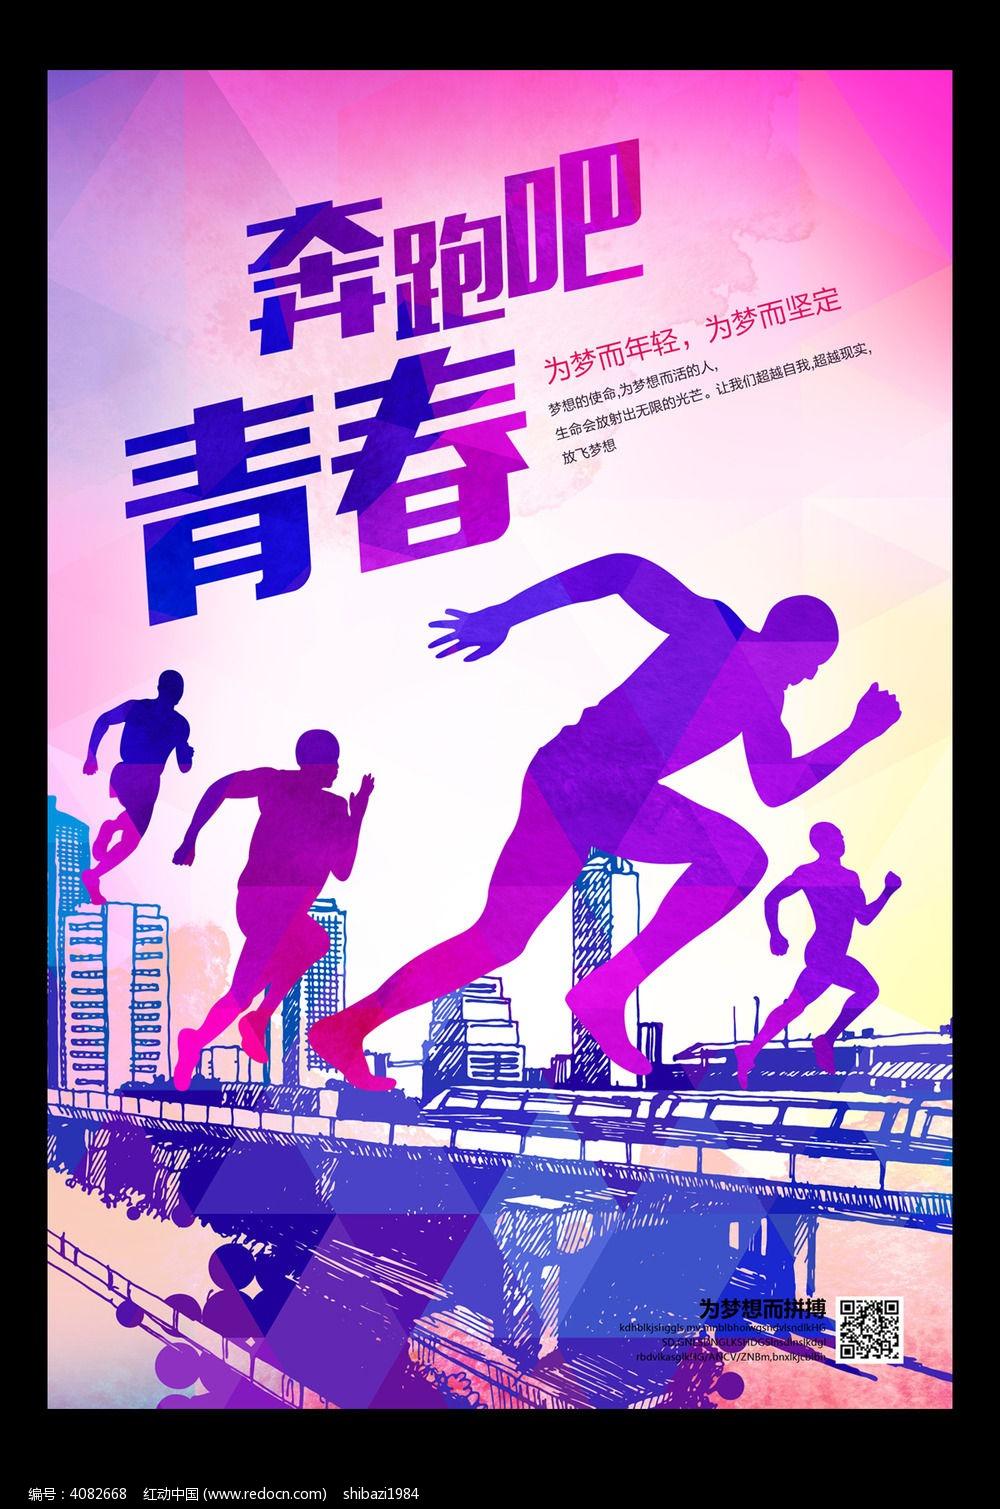 奔跑吧青春励志海报设计